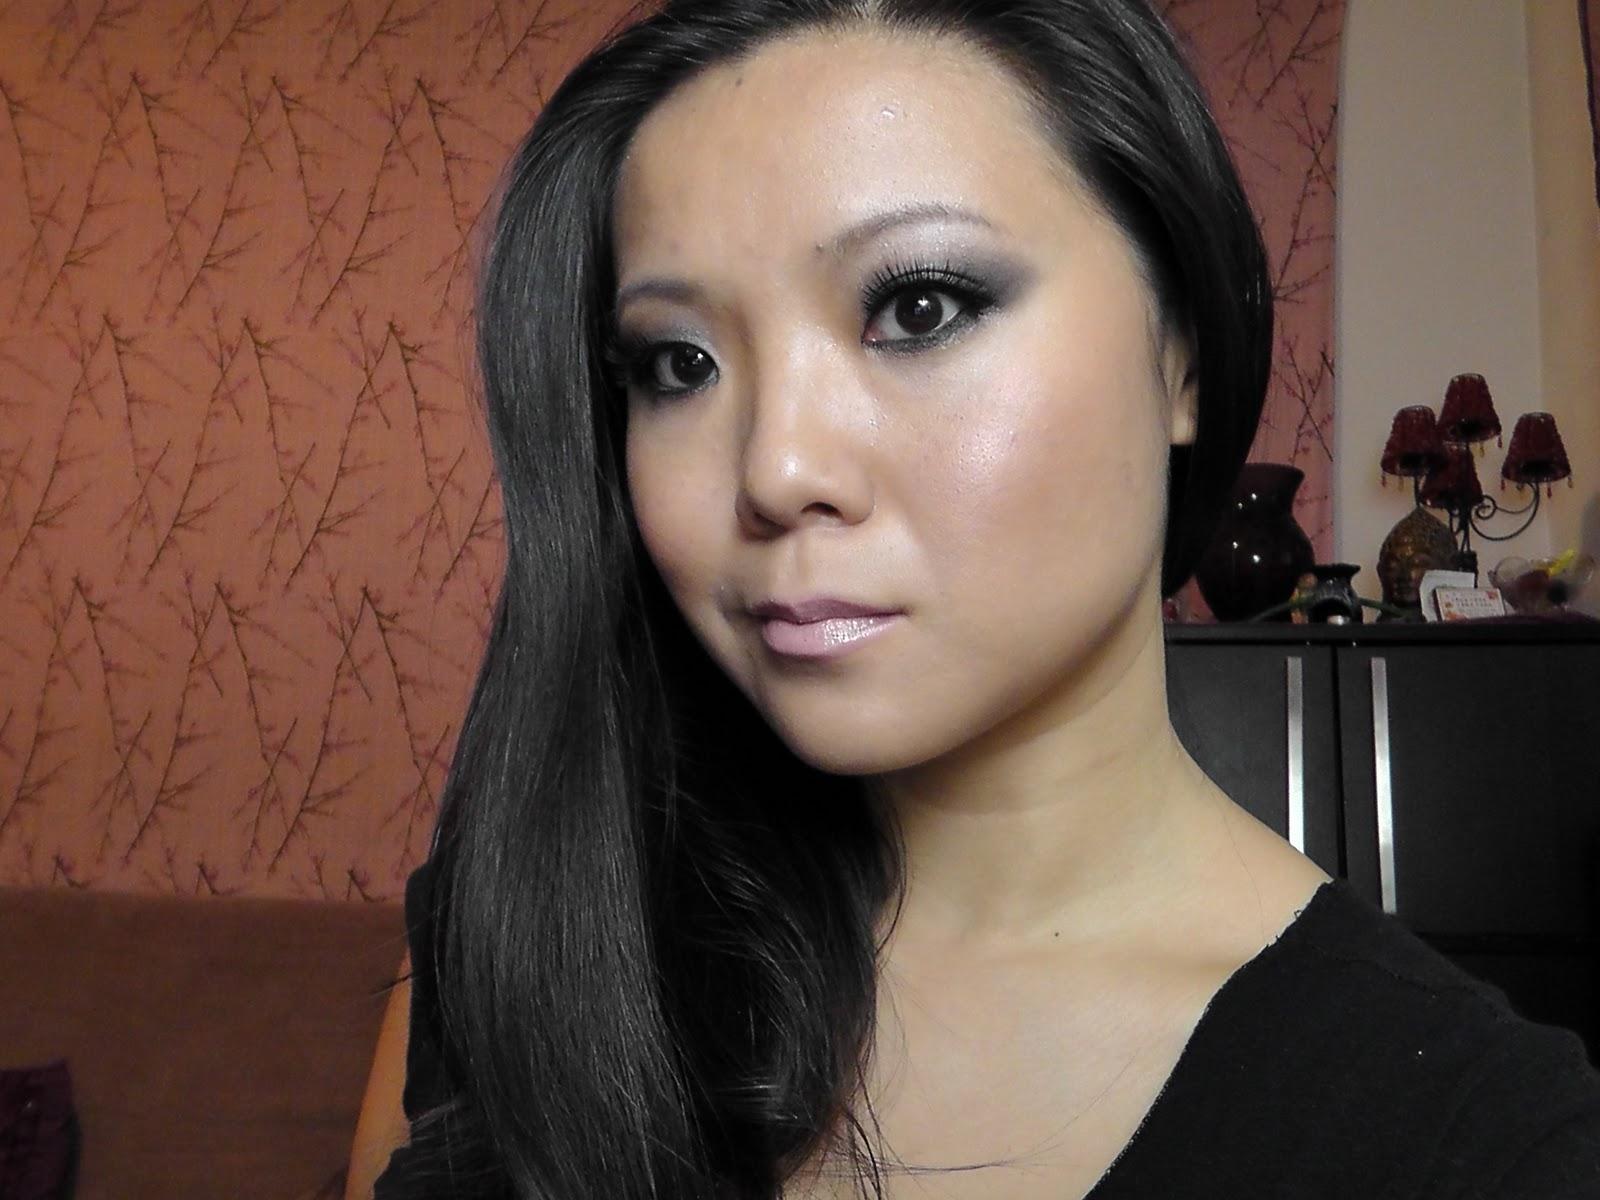 http://2.bp.blogspot.com/-bKz81bnltbM/Tnwa0wBbLII/AAAAAAAAB-k/YrObQHVGk-w/s1600/Kim1.JPG